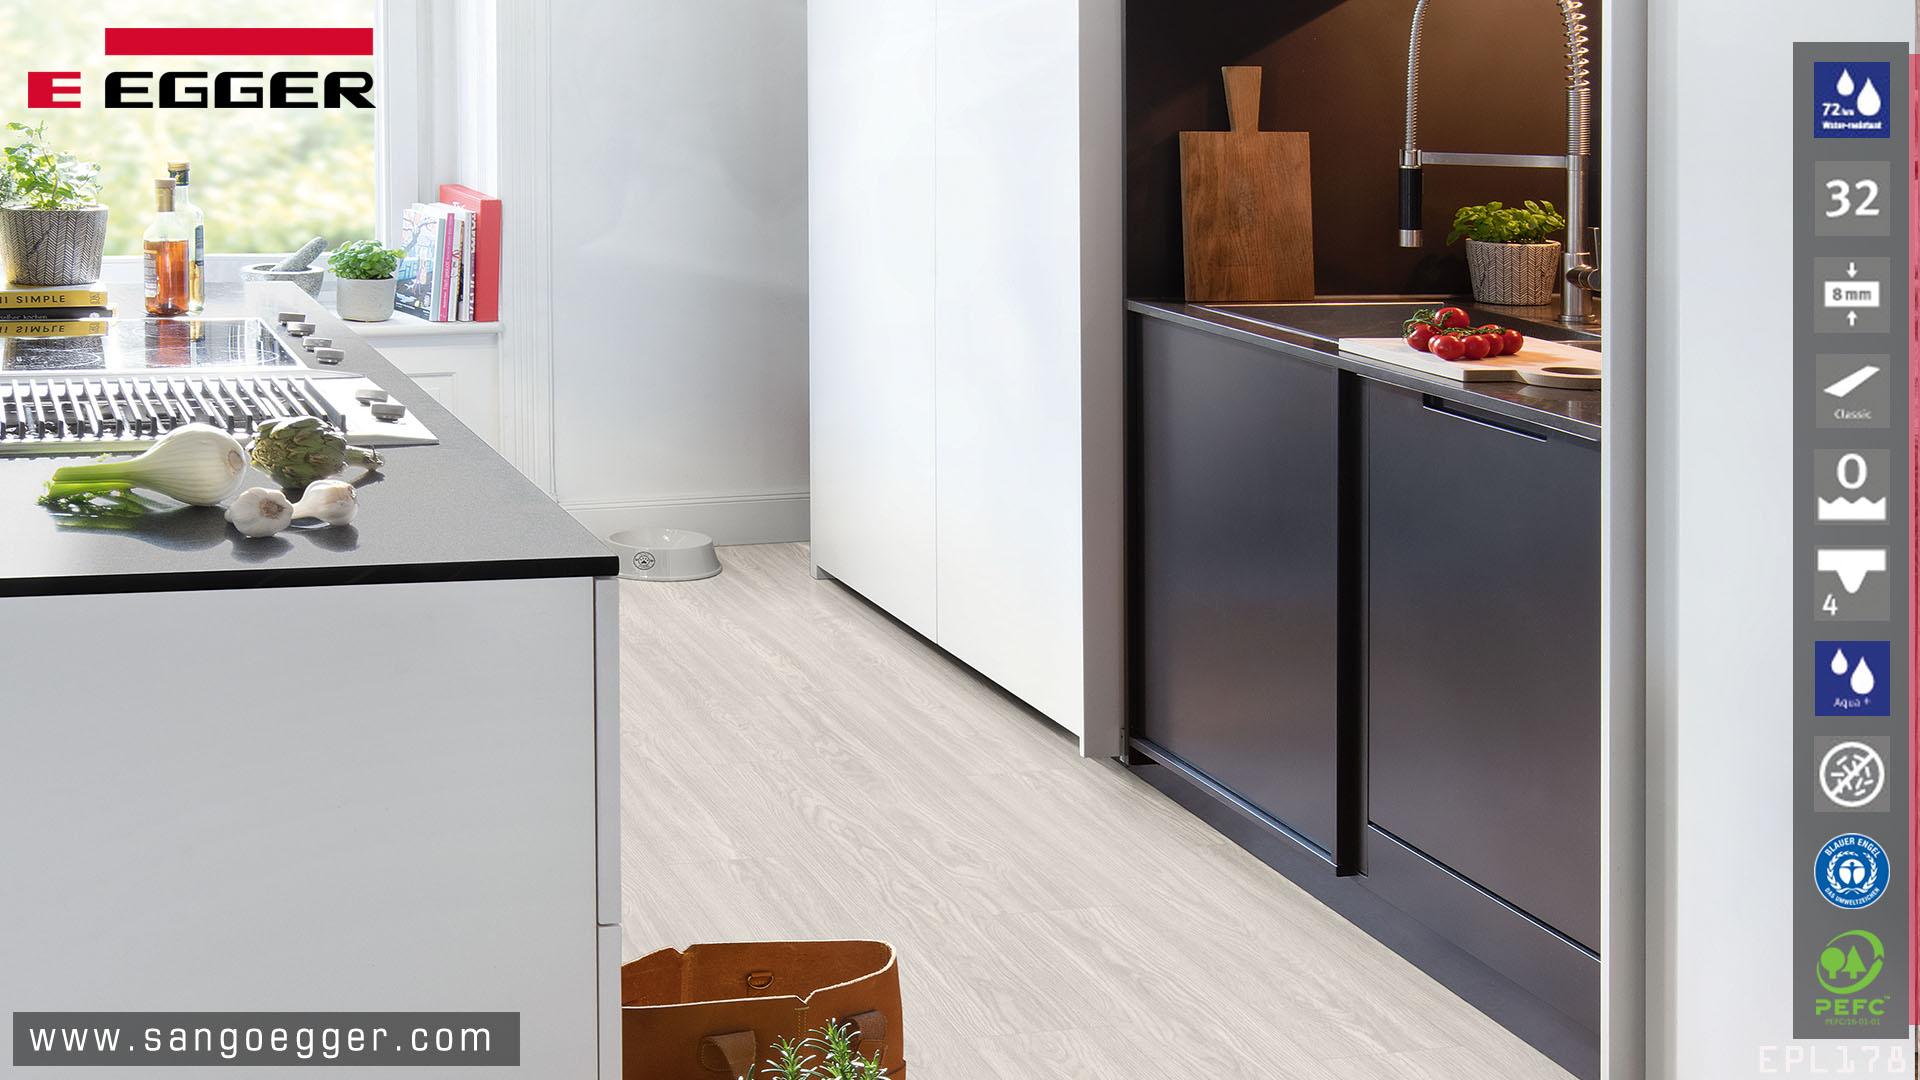 Sàn gỗ Egger EPL178 Aqua siêu chịu nước, sàn gỗ chuyên dụng phòng bếp